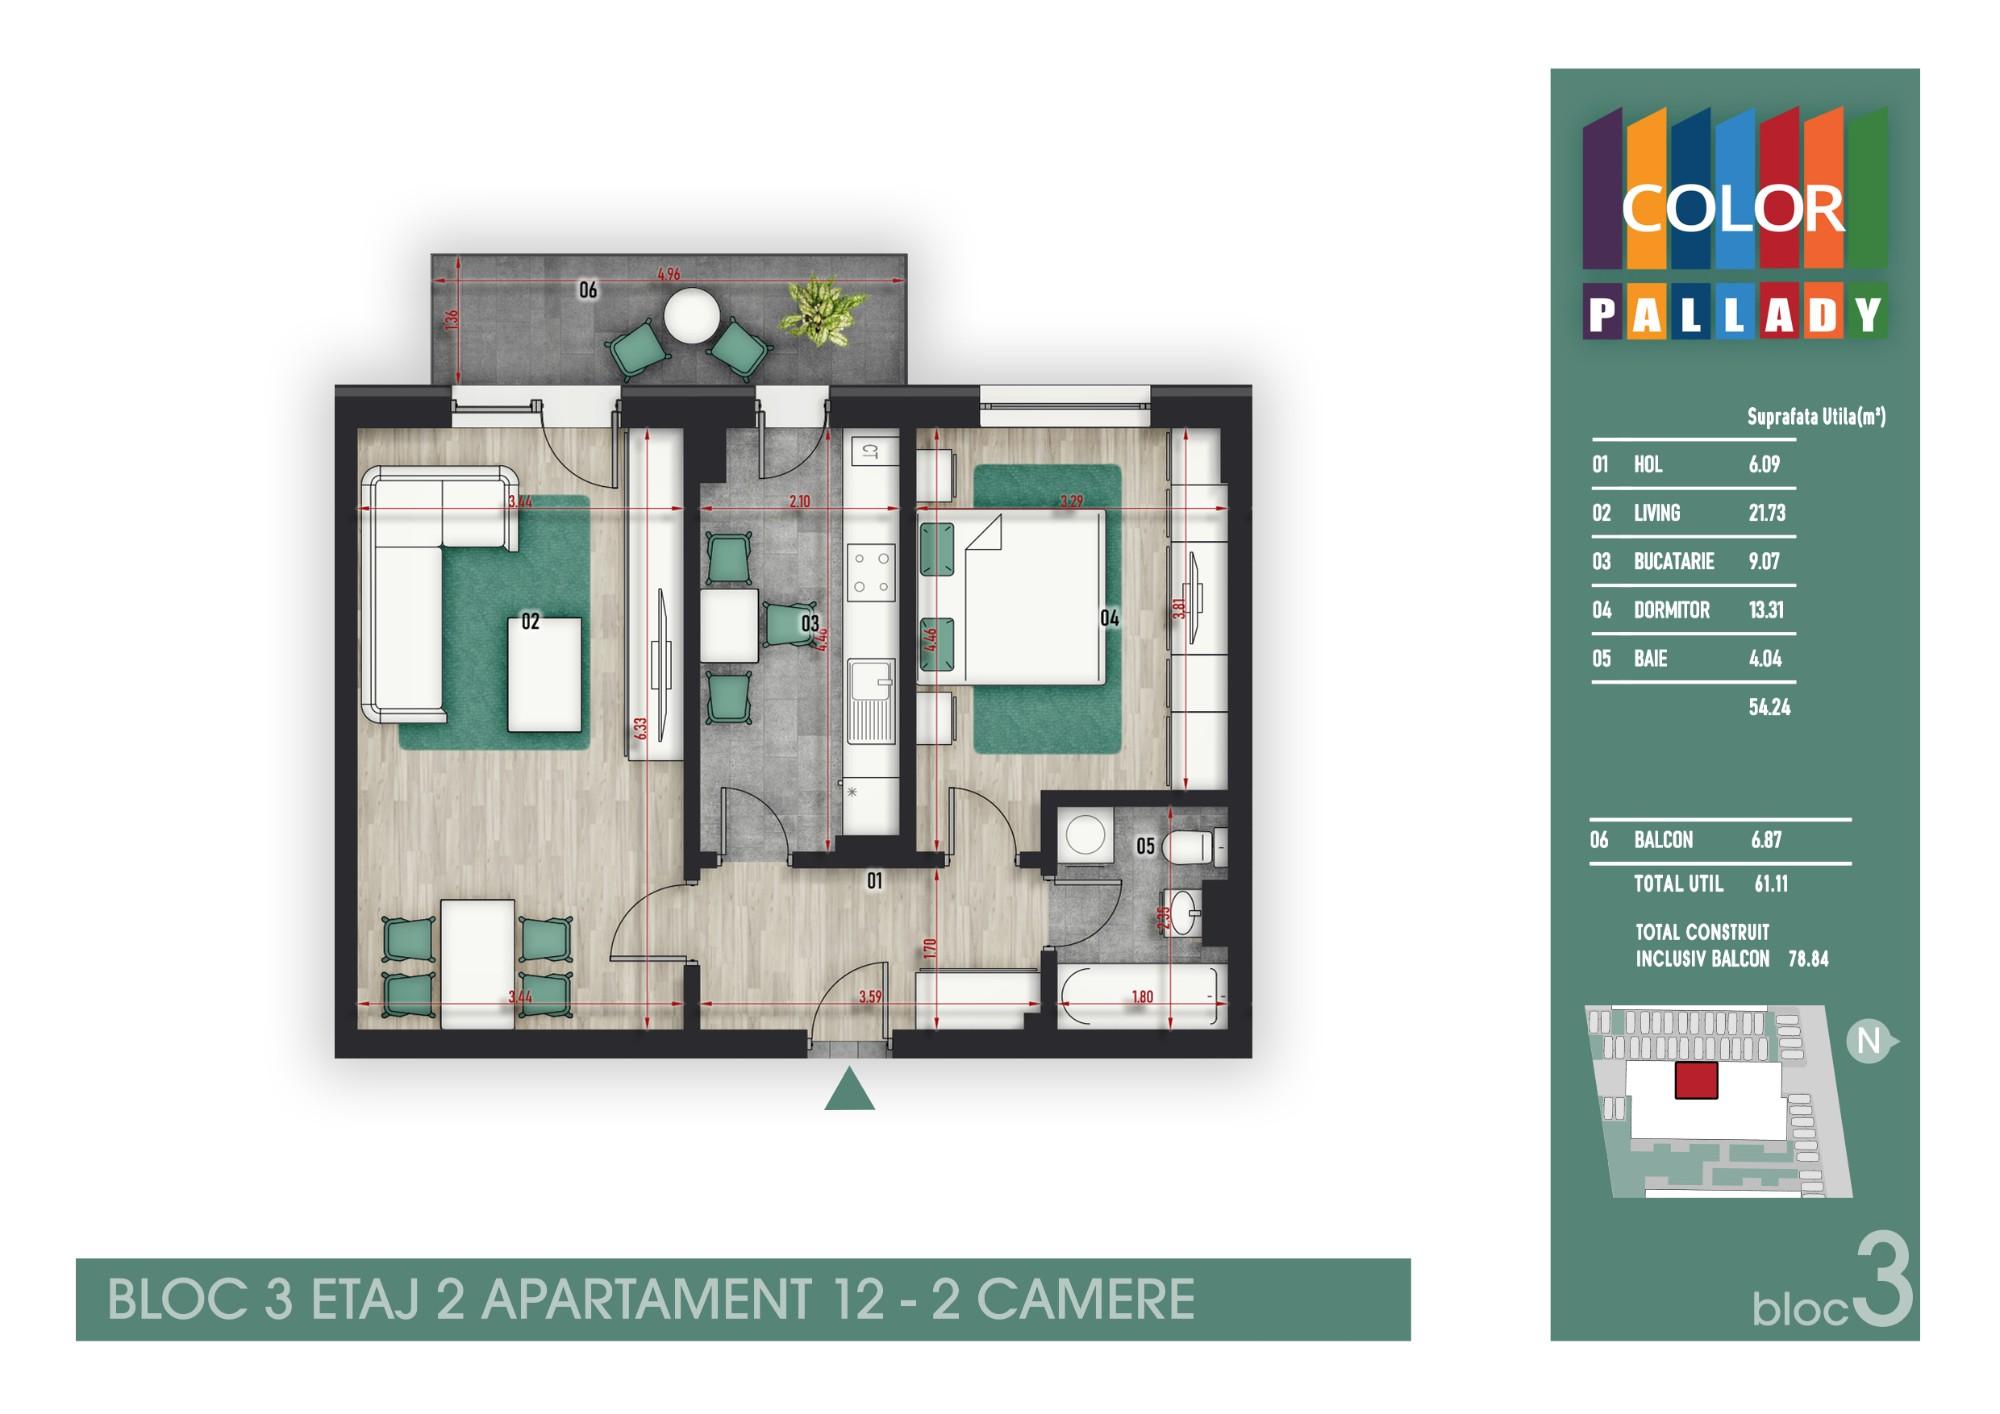 Bloc 3 - Etaj 2 - Apartament 12